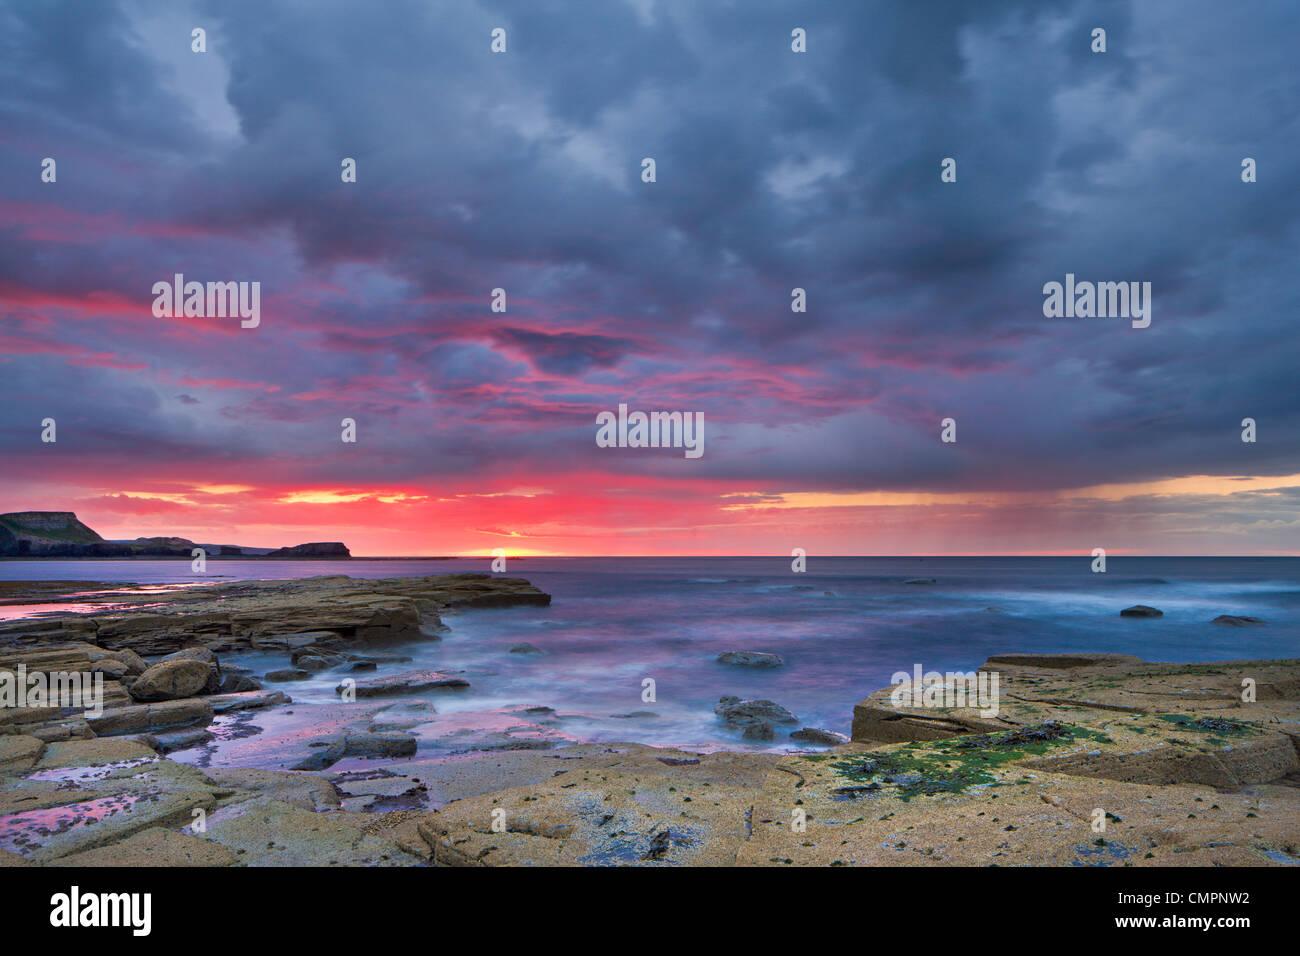 Coucher du soleil et nuages orageux à marée basse dans la baie d'Saltwick, Yorkshire, Angleterre, Photo Stock